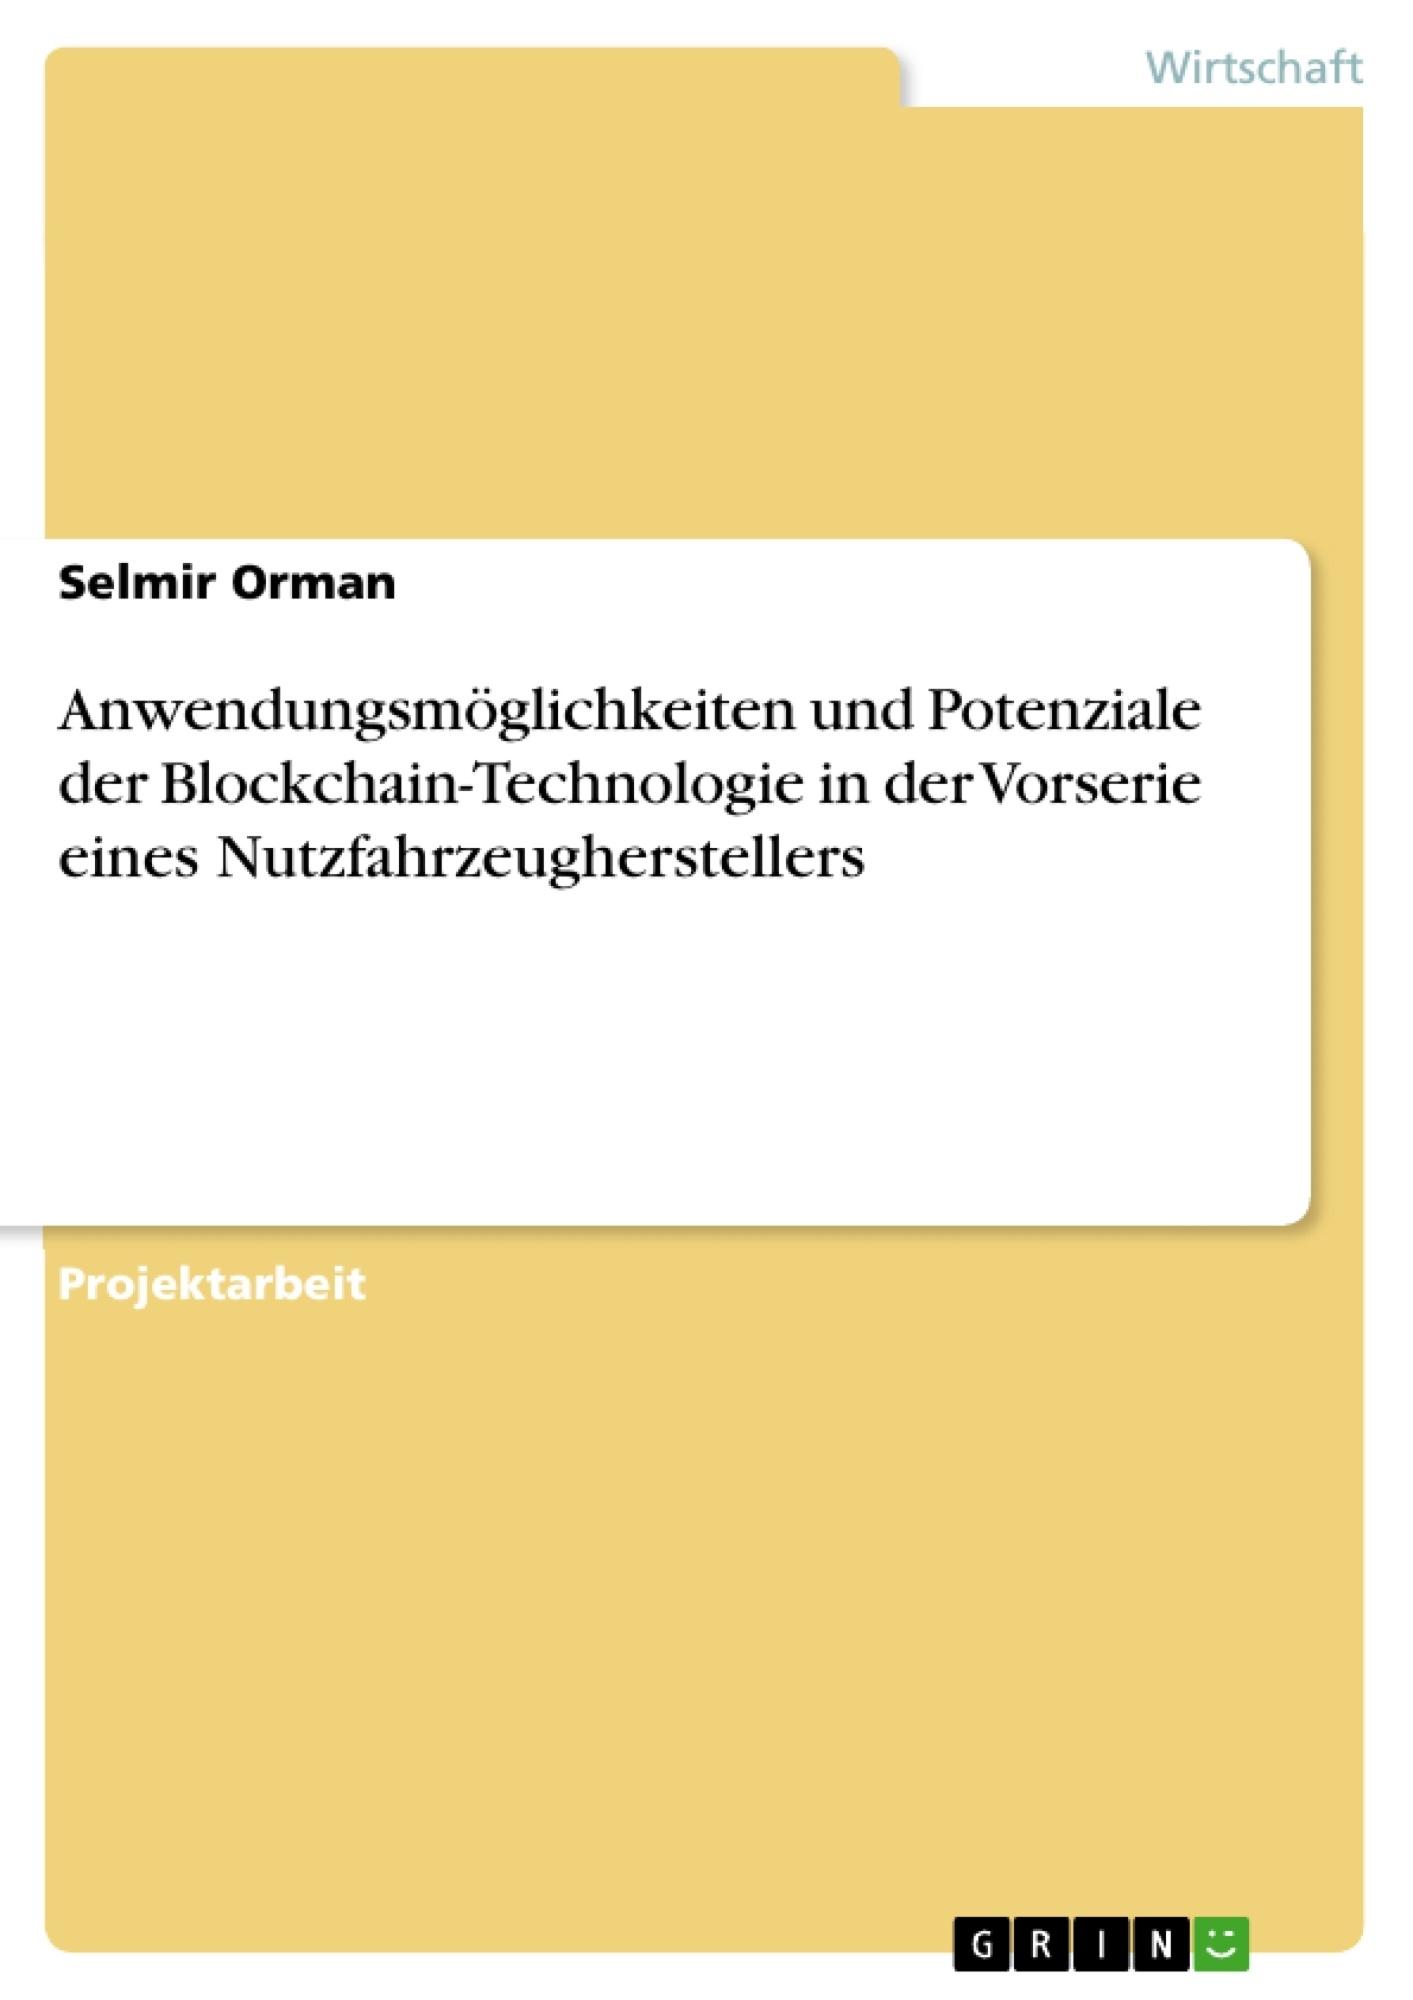 Titel: Anwendungsmöglichkeiten und Potenziale der Blockchain-Technologie in der Vorserie eines Nutzfahrzeugherstellers